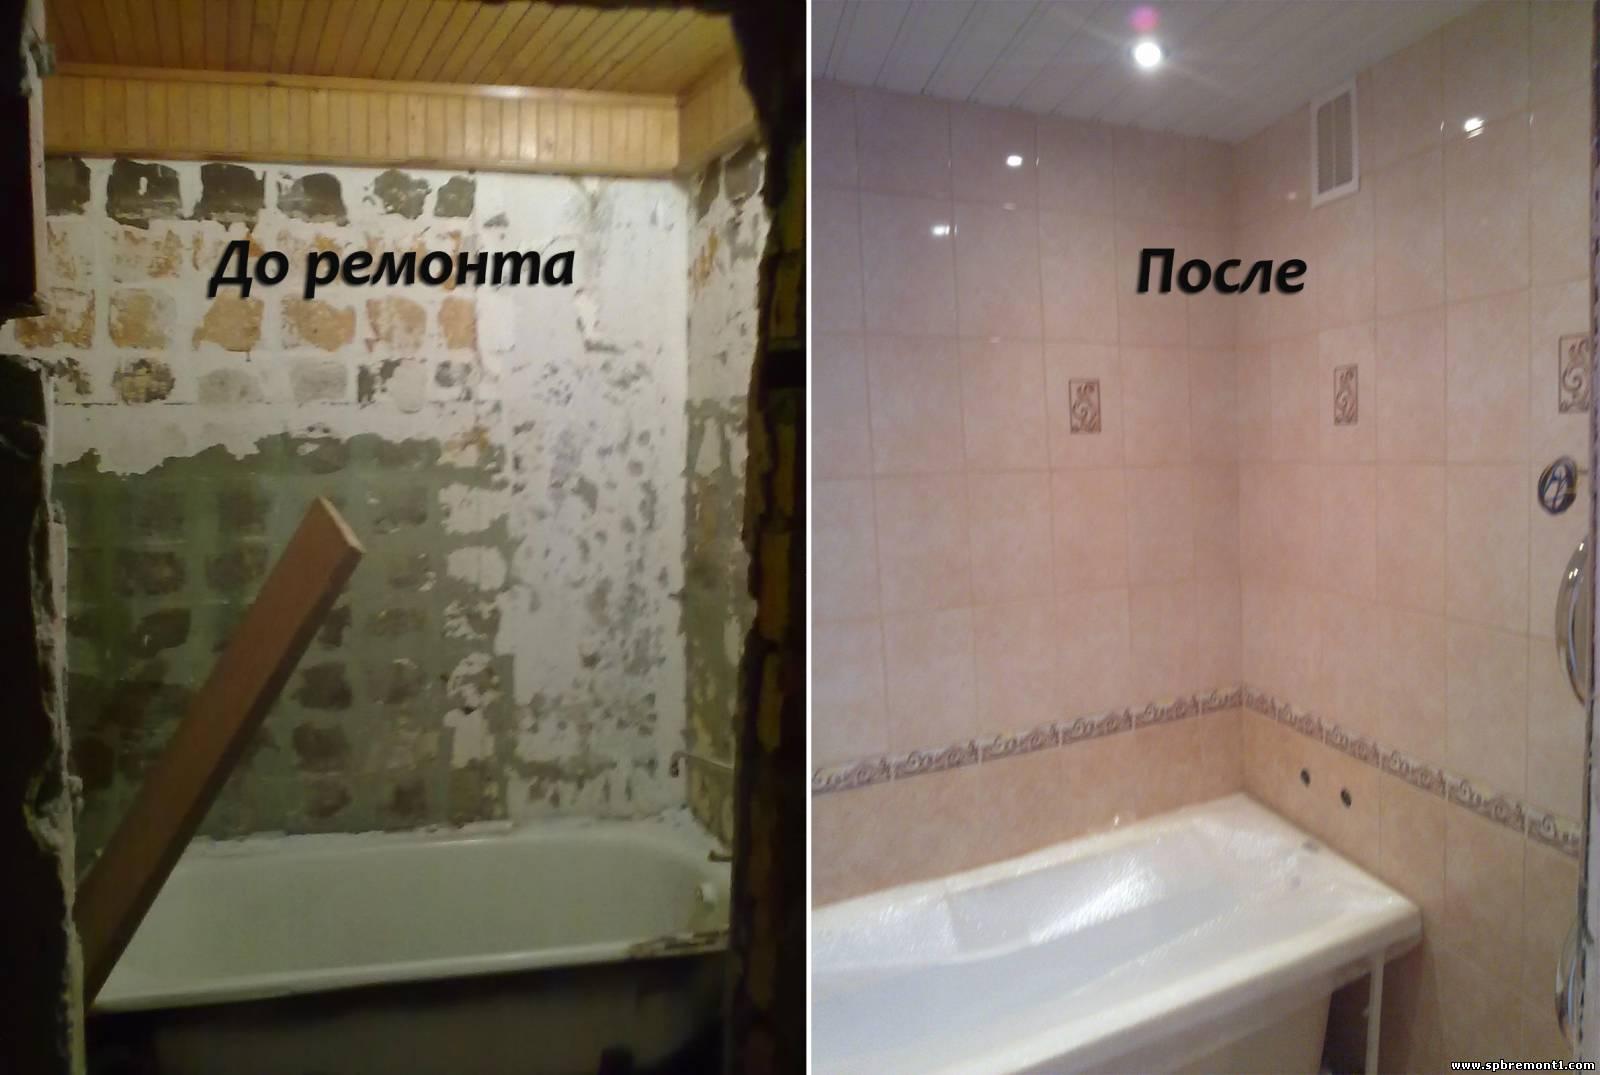 Бюджетный ремонт ванной комнаты, глаза боятся, а руки делают!